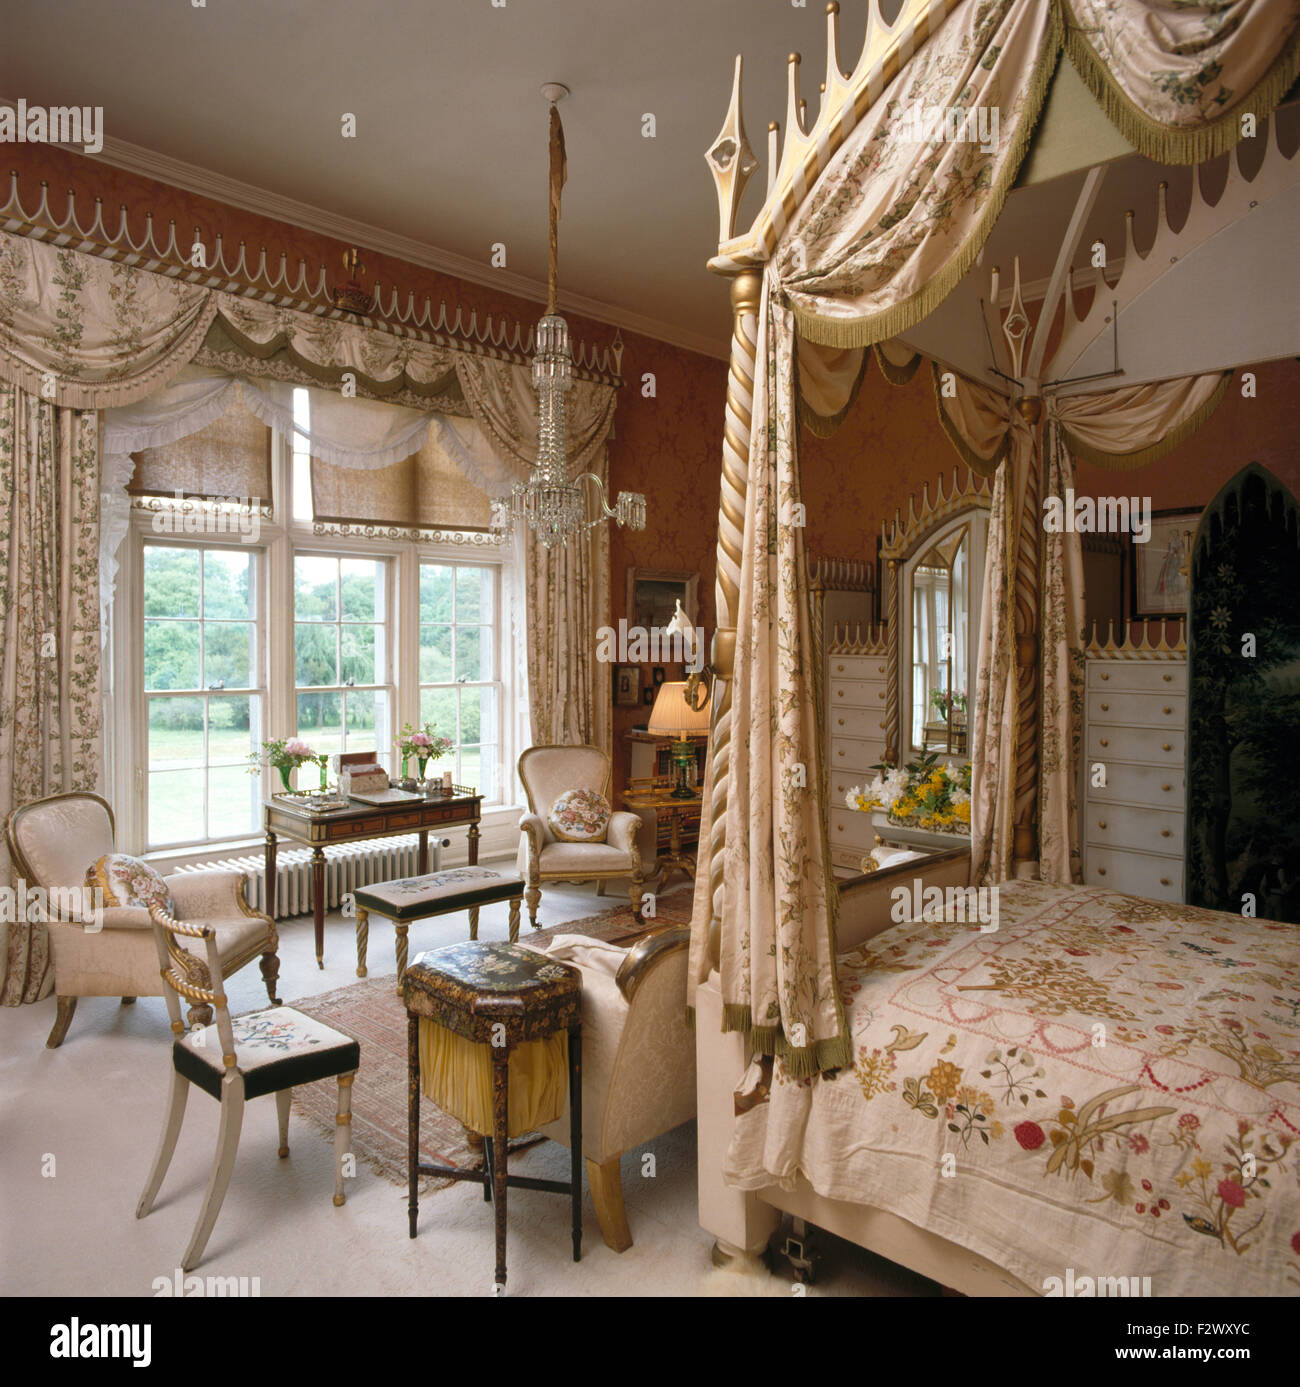 swagged vorhnge am fenster in opulenten schlafzimmer mit seide vorhnge auf einem gotischen stil himmelbett - Gotische Himmelbettvorhnge